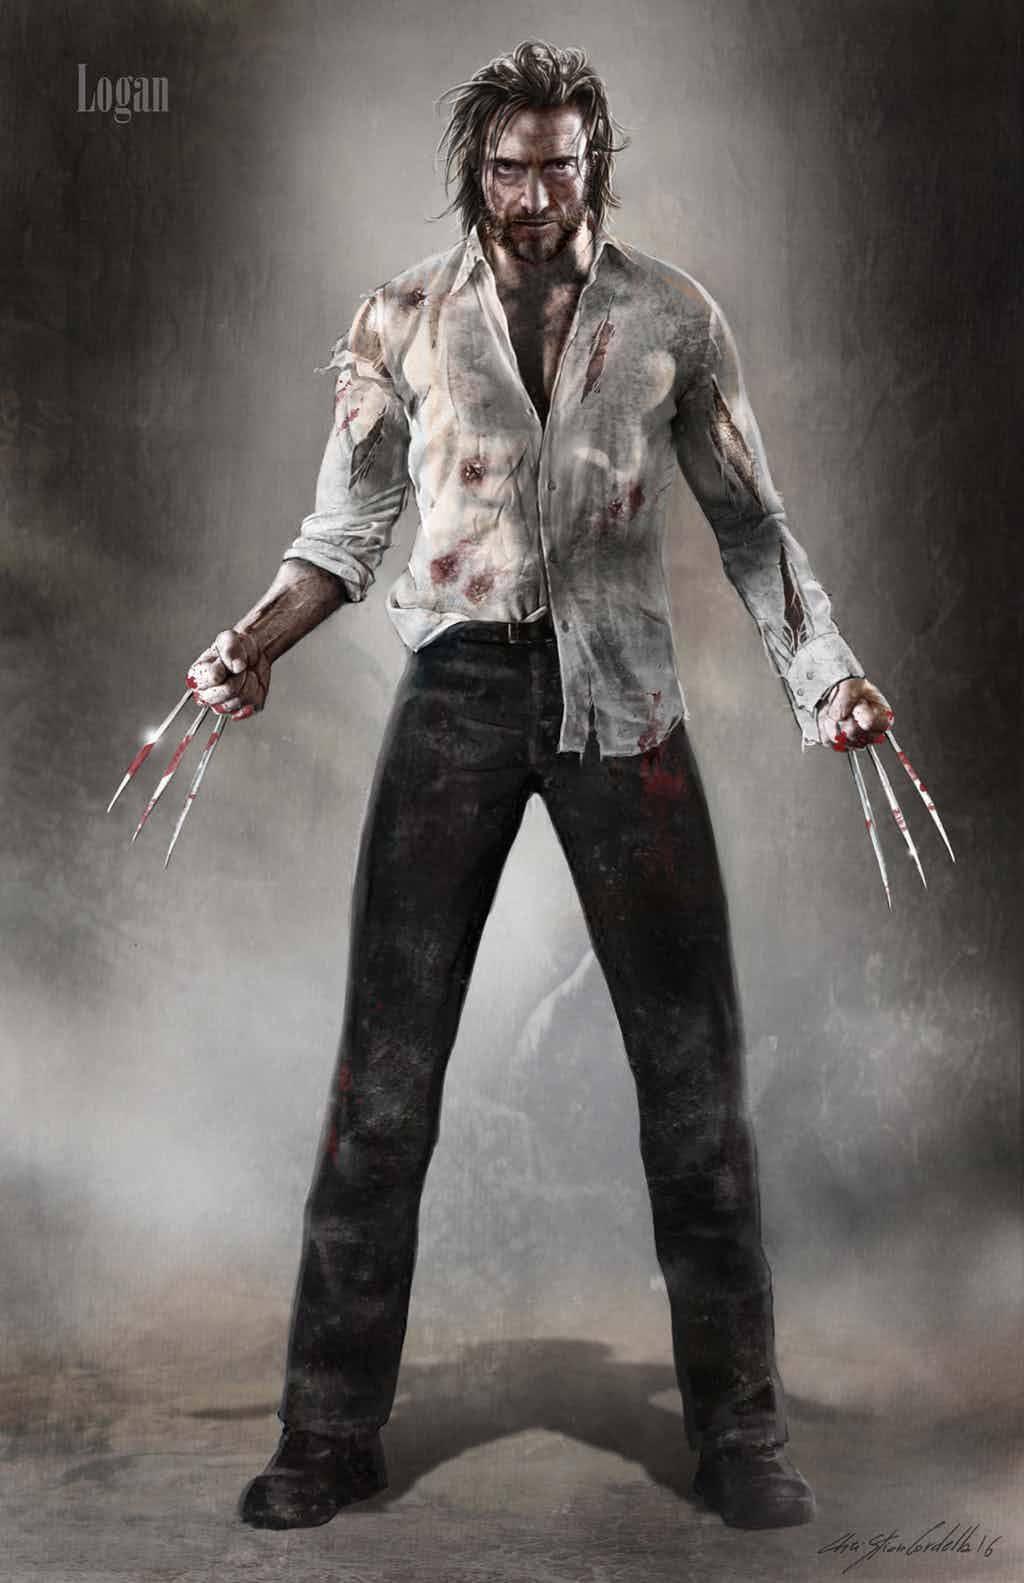 Logan-Concept-Art-Wolverine-l